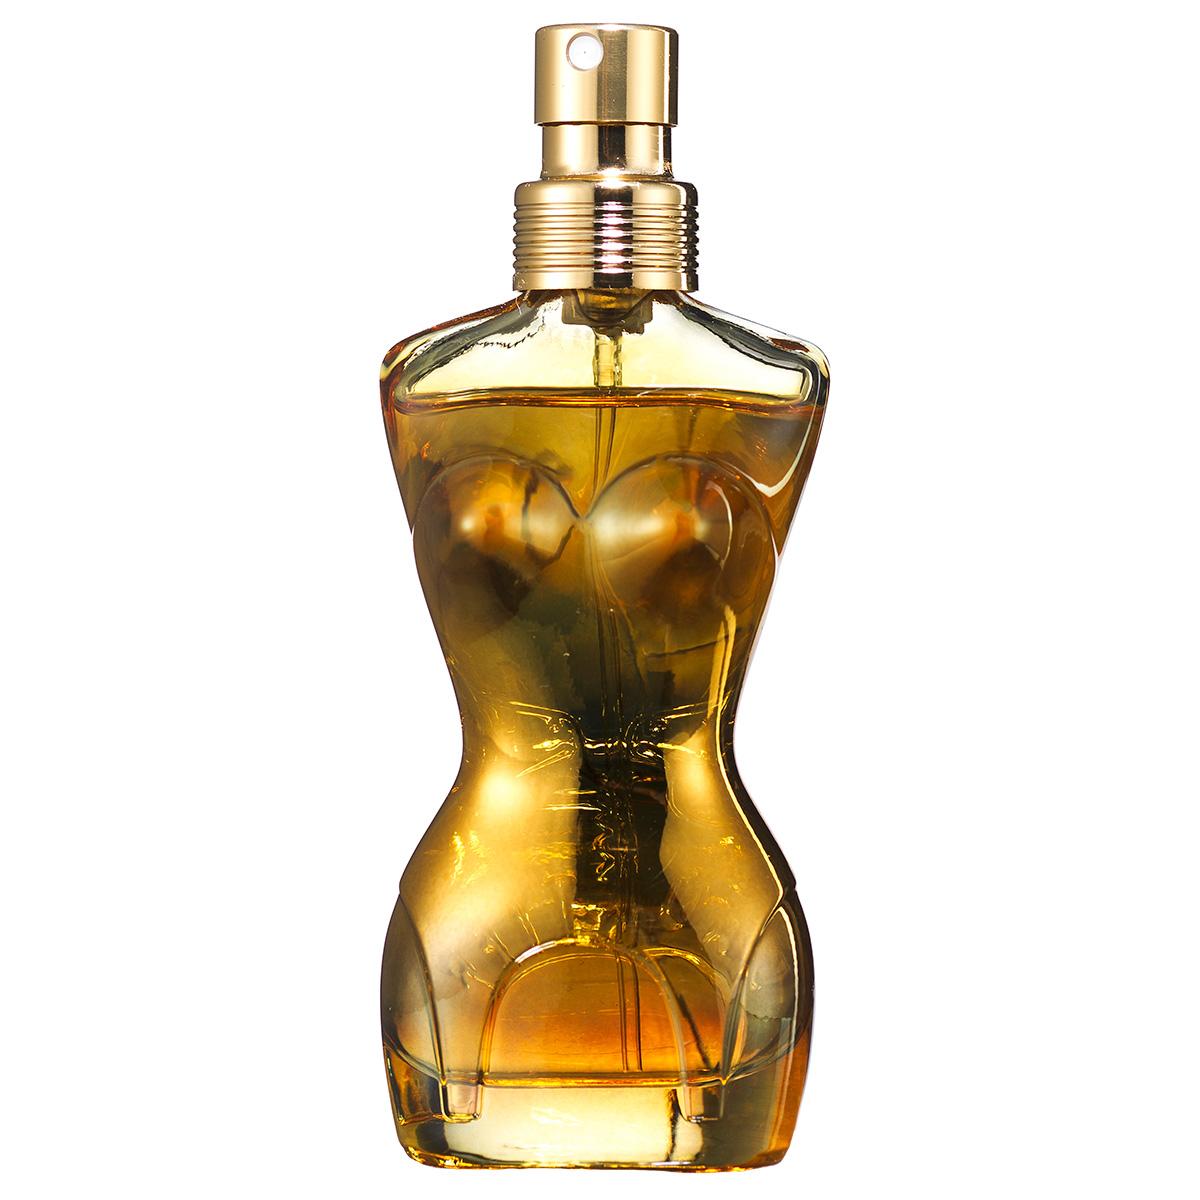 Jean Paul Gaultier Classique Intense Eau De Parfum - 20 ml